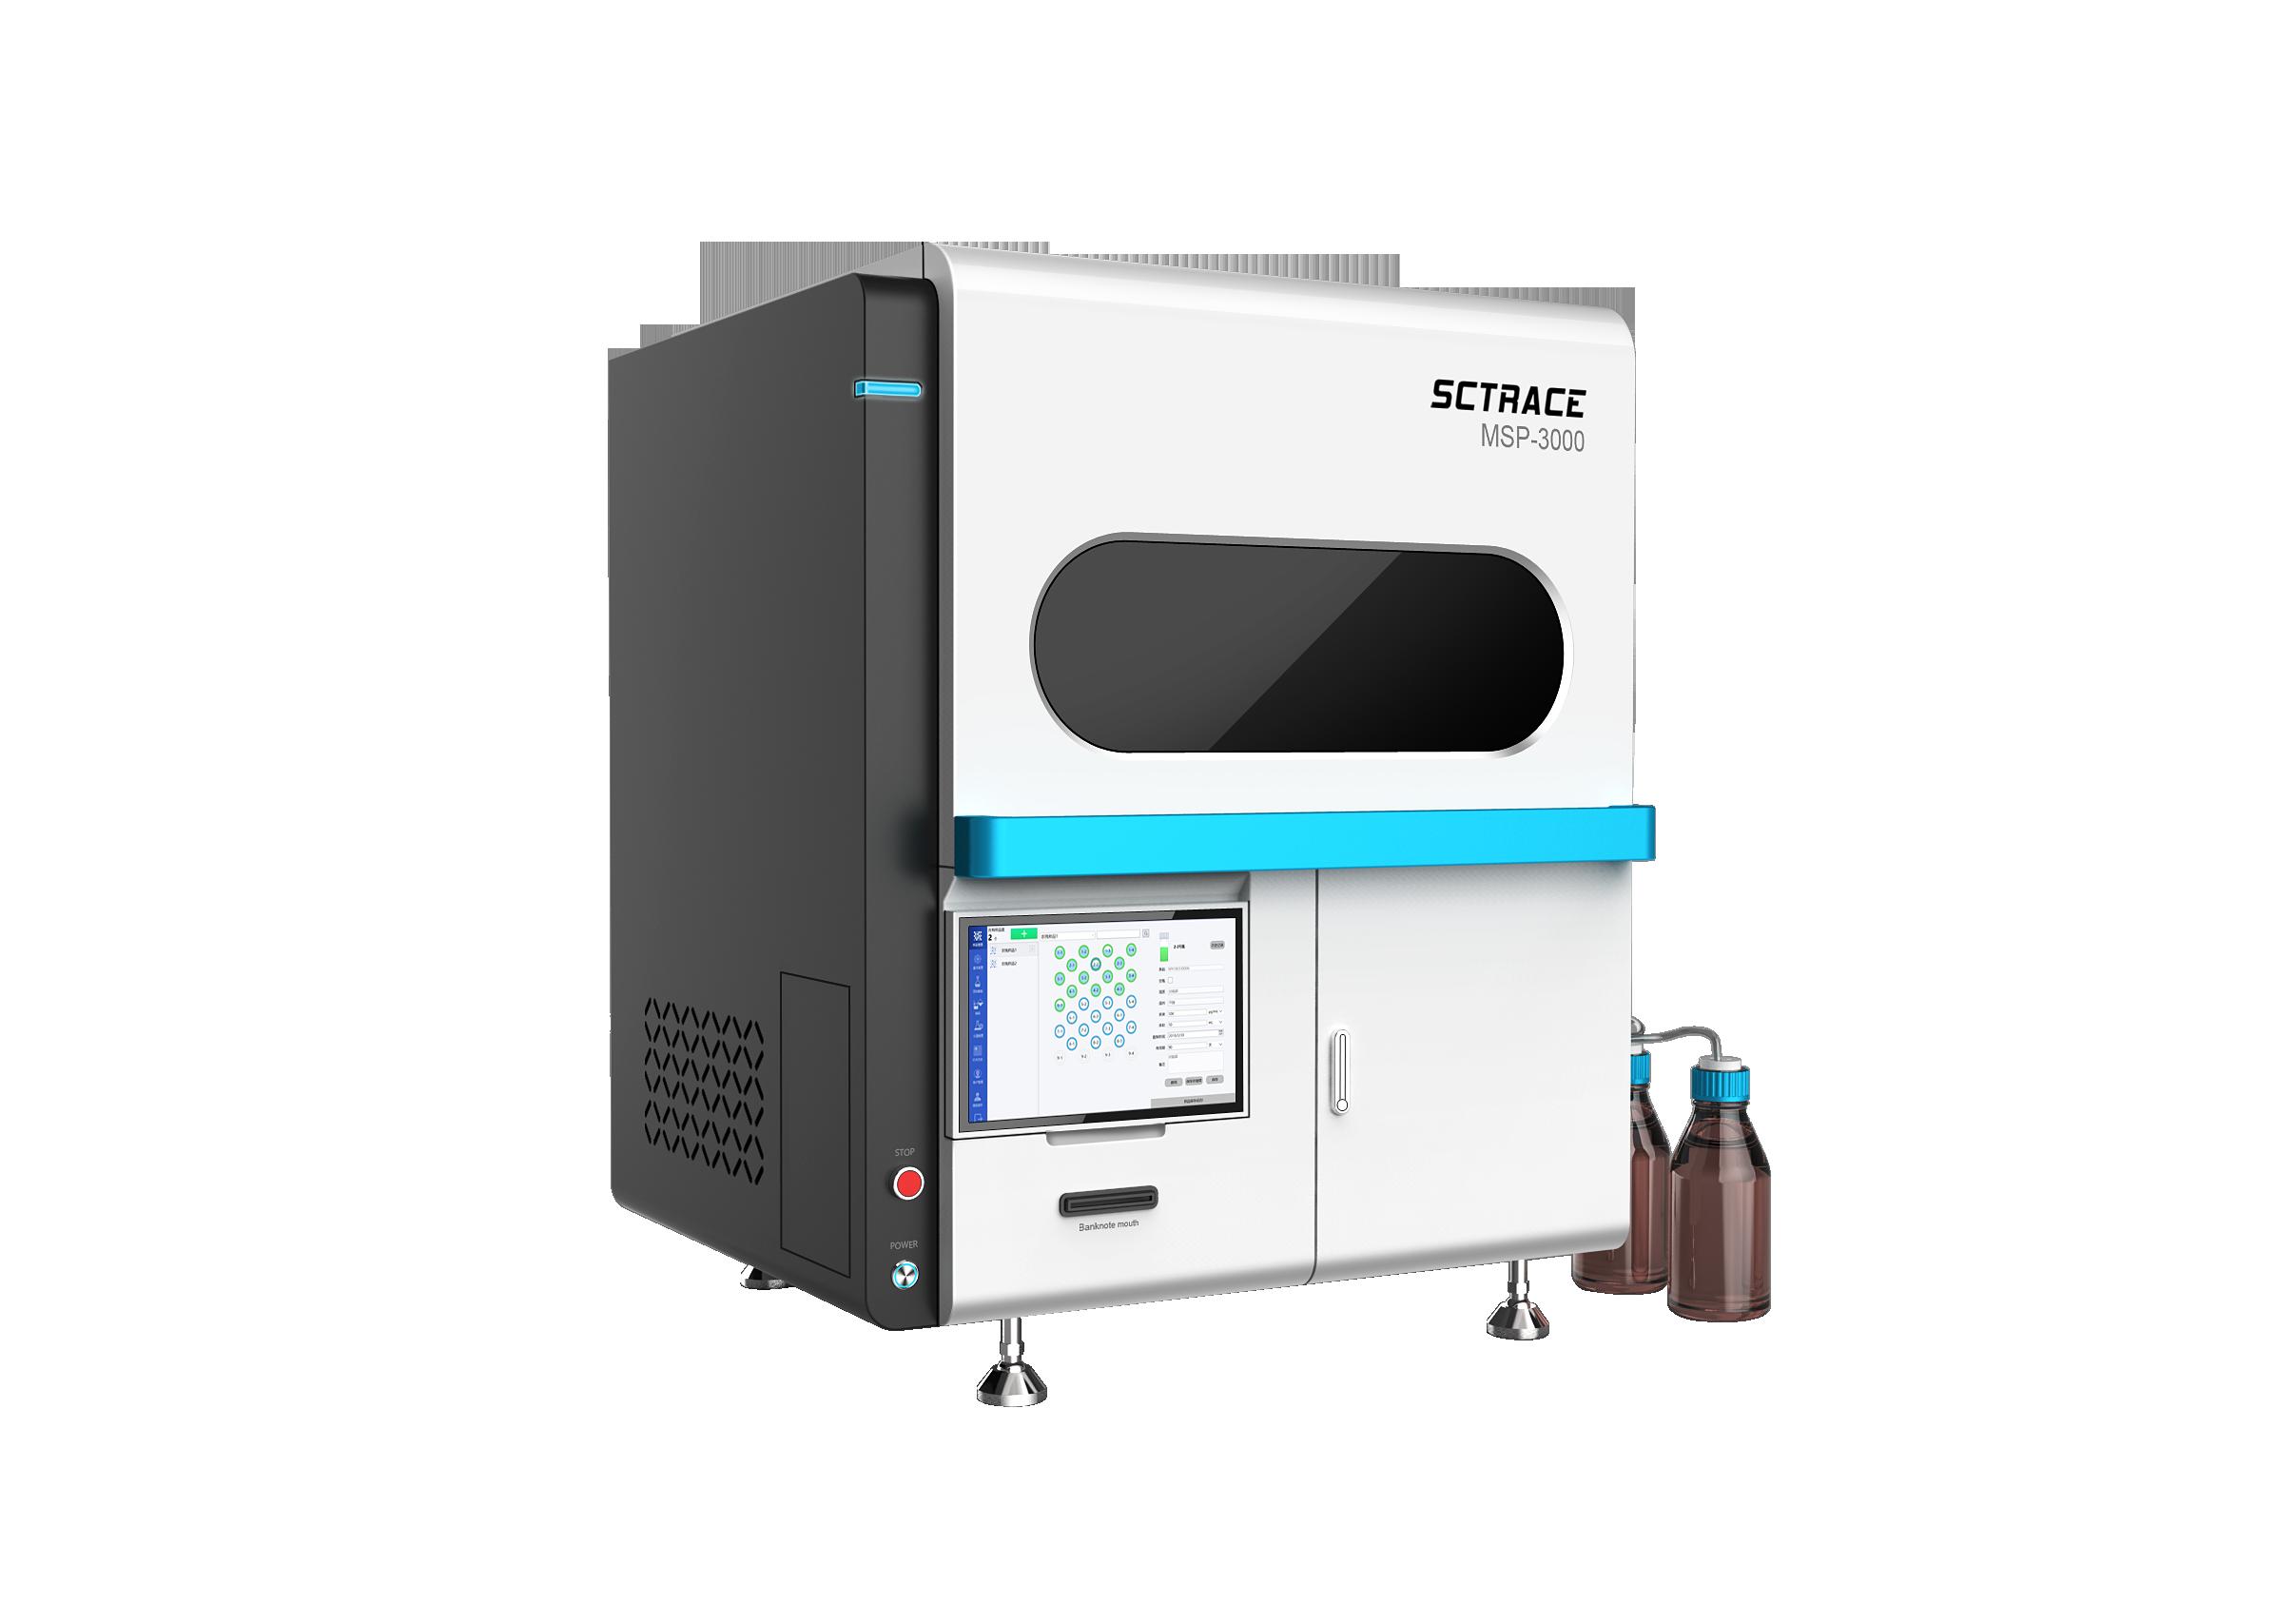 SCTRACE MSP-3000平台溶液配制机器人